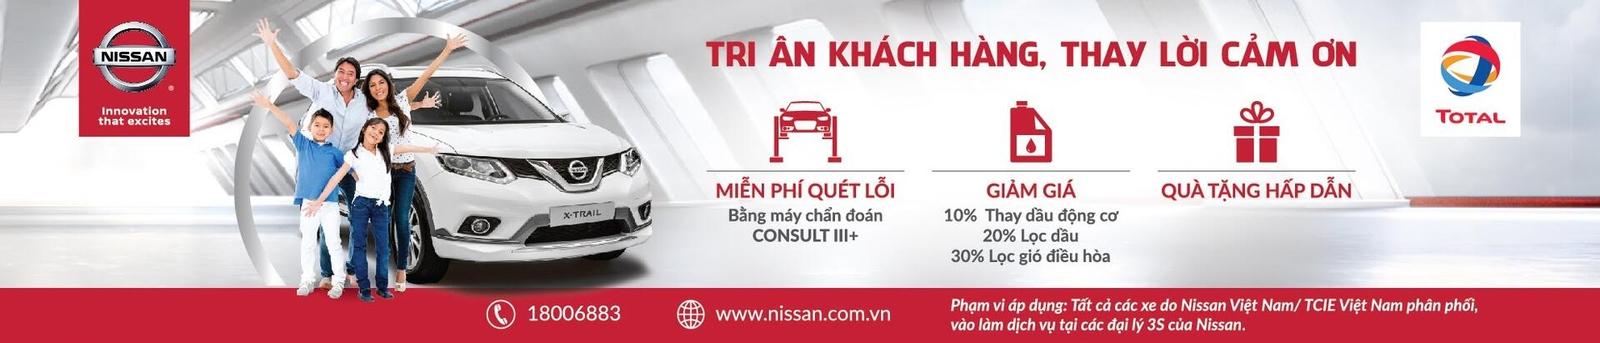 """Trải nghiệm ưu đãi """"Tri ân khách hàng, thay lời cảm ơn"""" từ Nissan Việt Nam - Hình 2"""